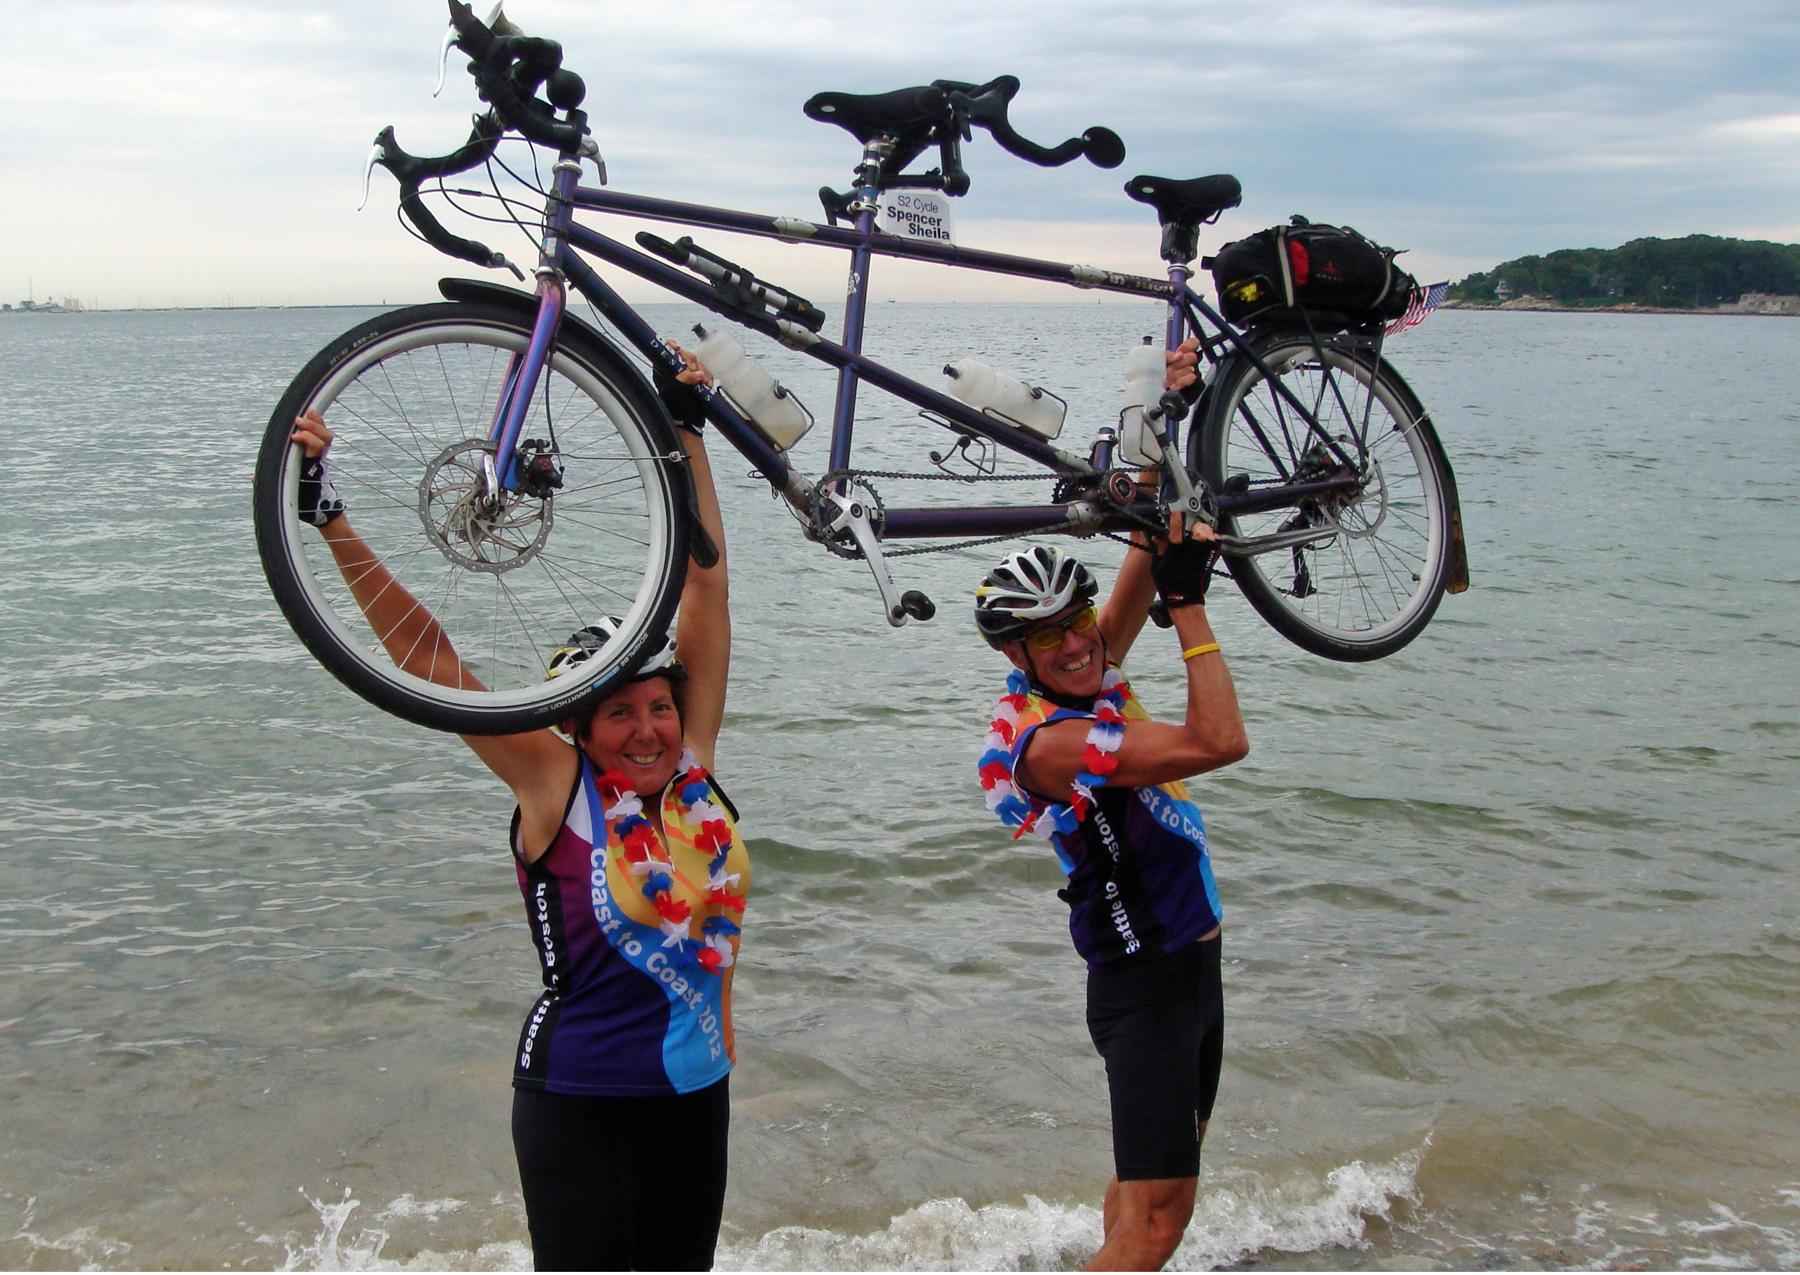 07-25-coast to coast bike trip_s2cycle.jpg